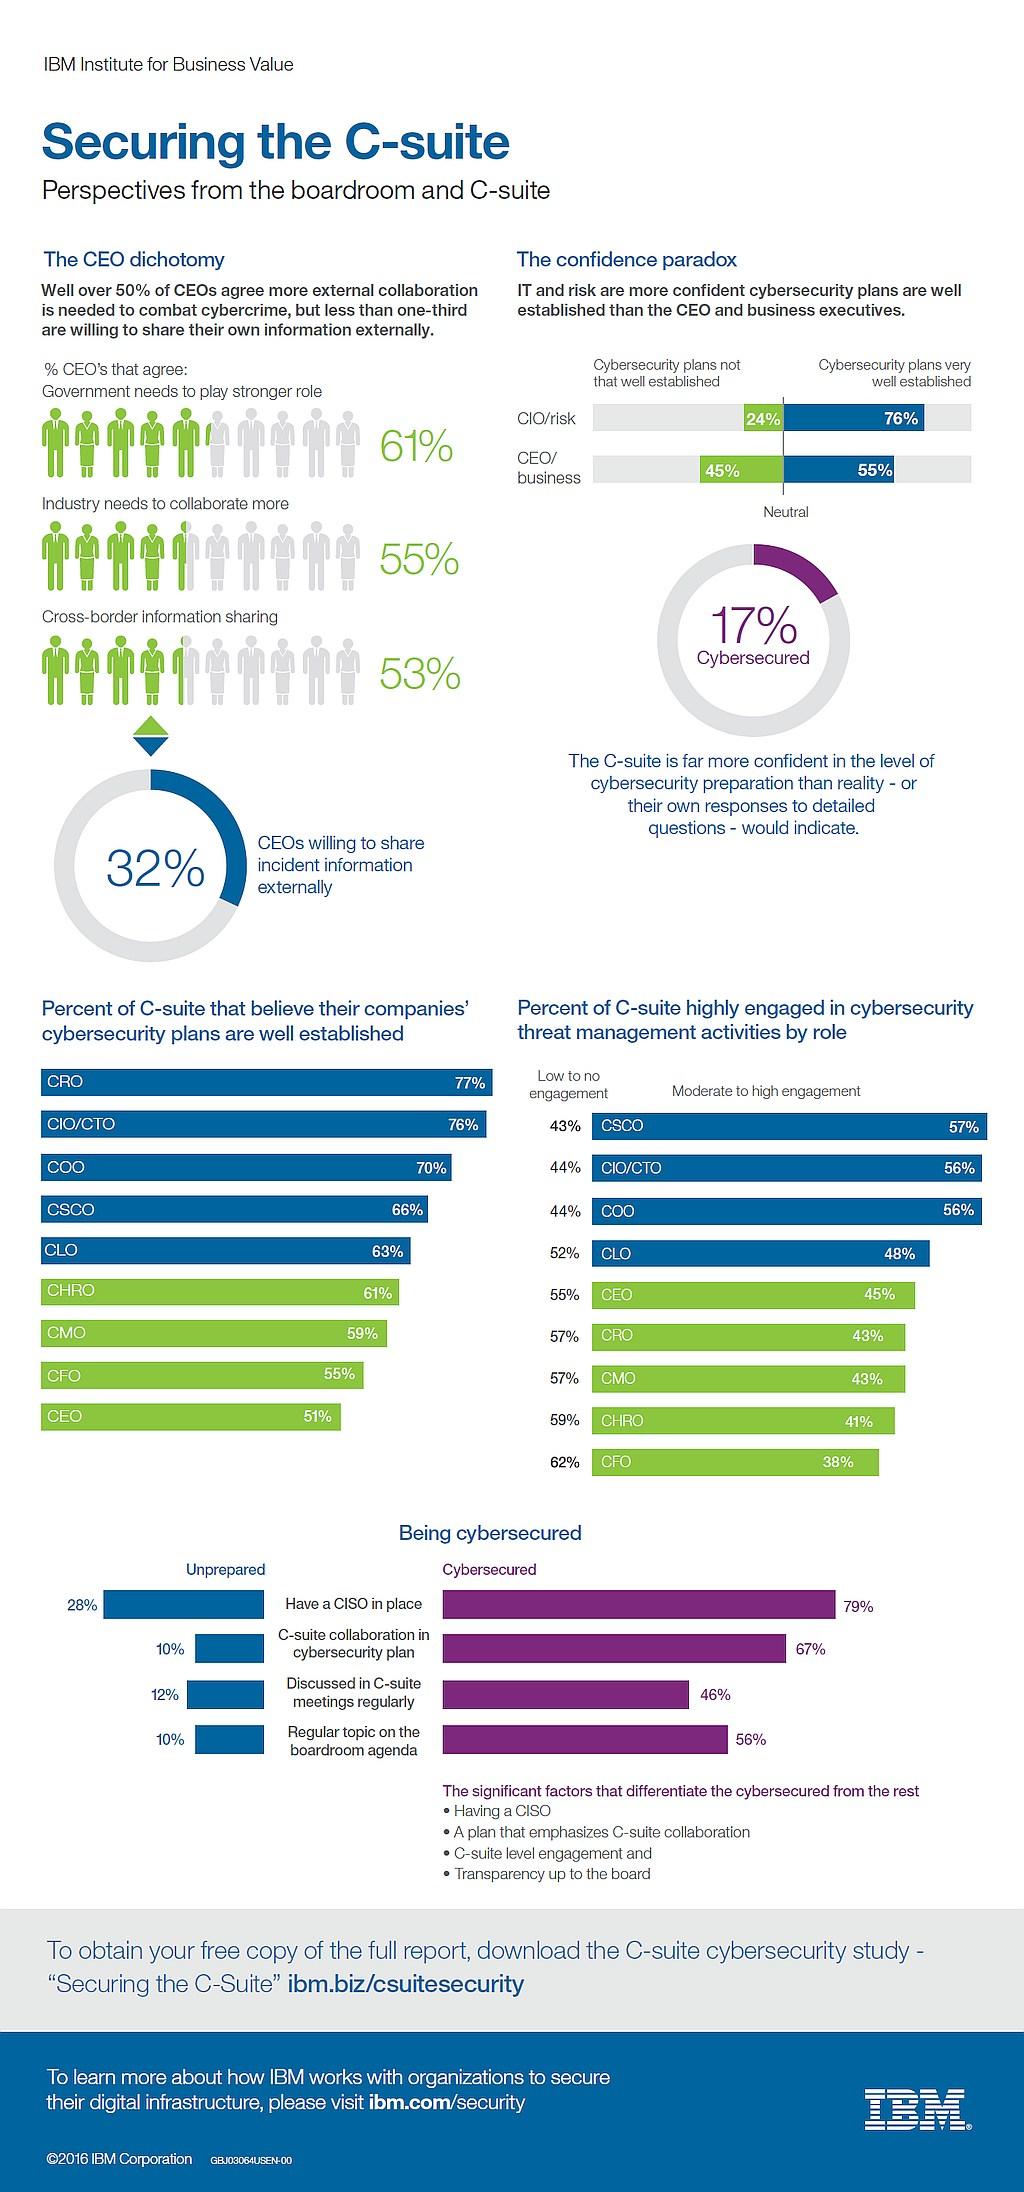 infografik ibm securing the c-suite